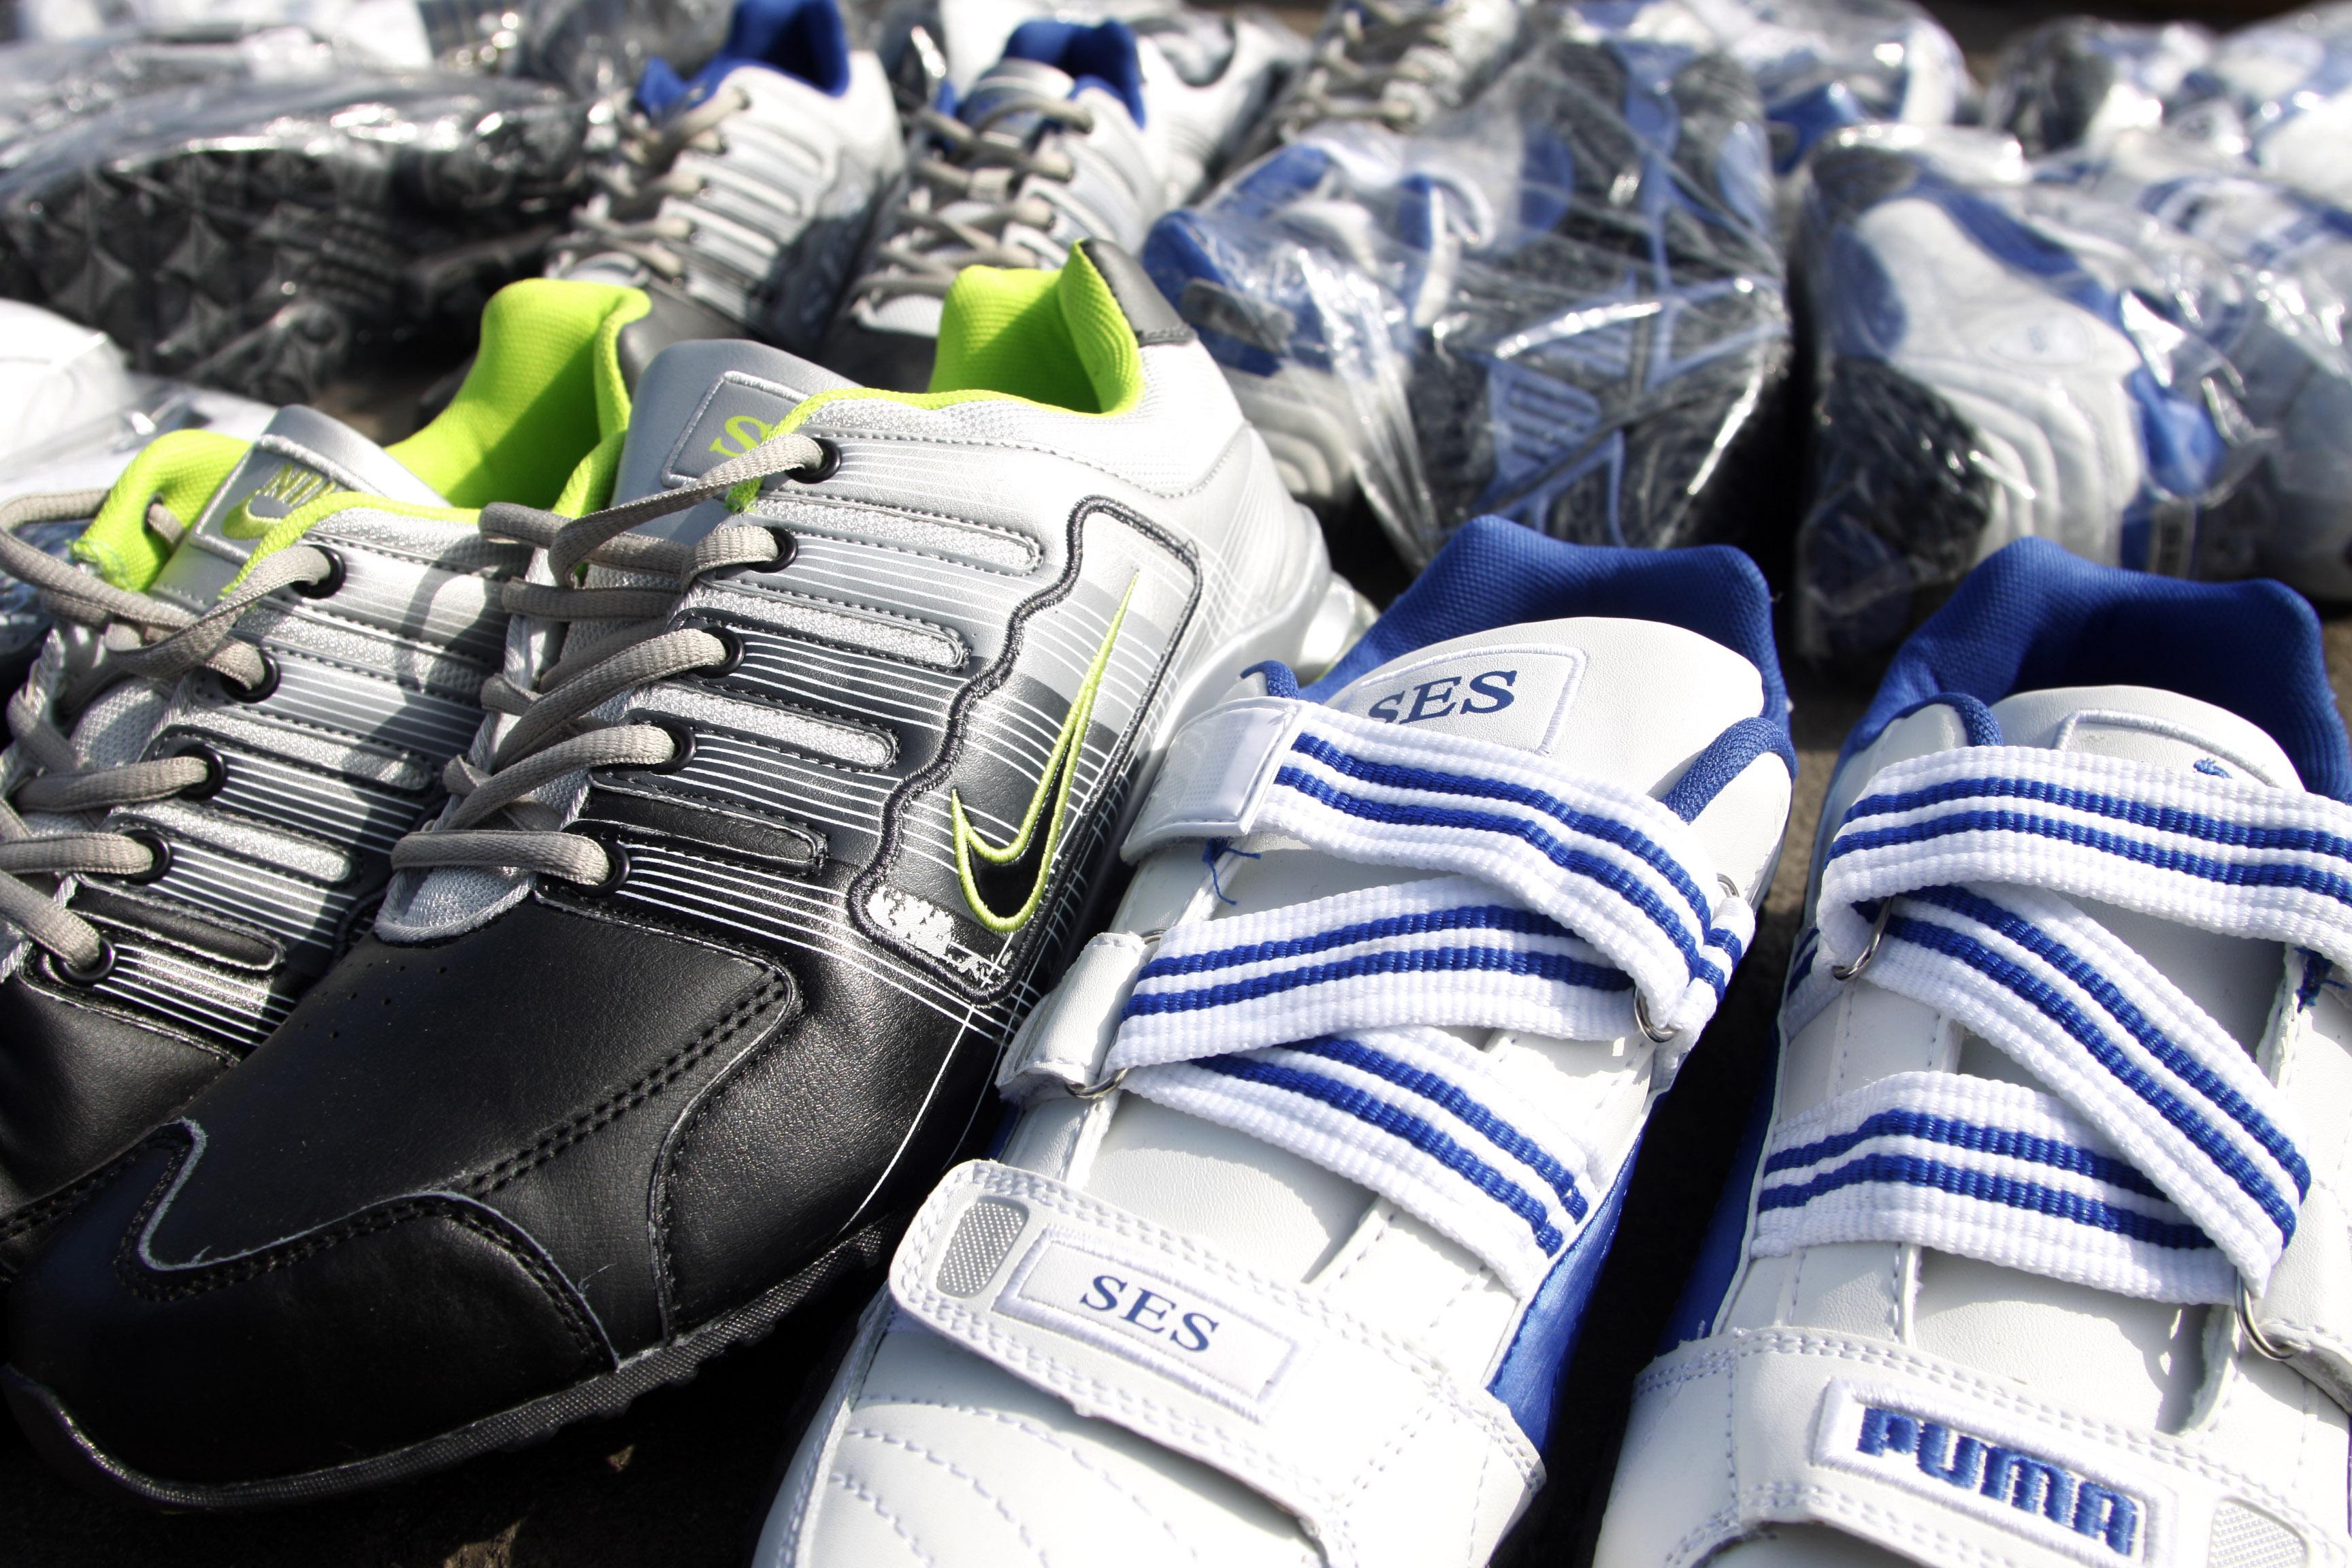 85f1647bc2 Iquique  Decomisan más de 37 mil pares de zapatillas falsificadas de  conocidas marcas